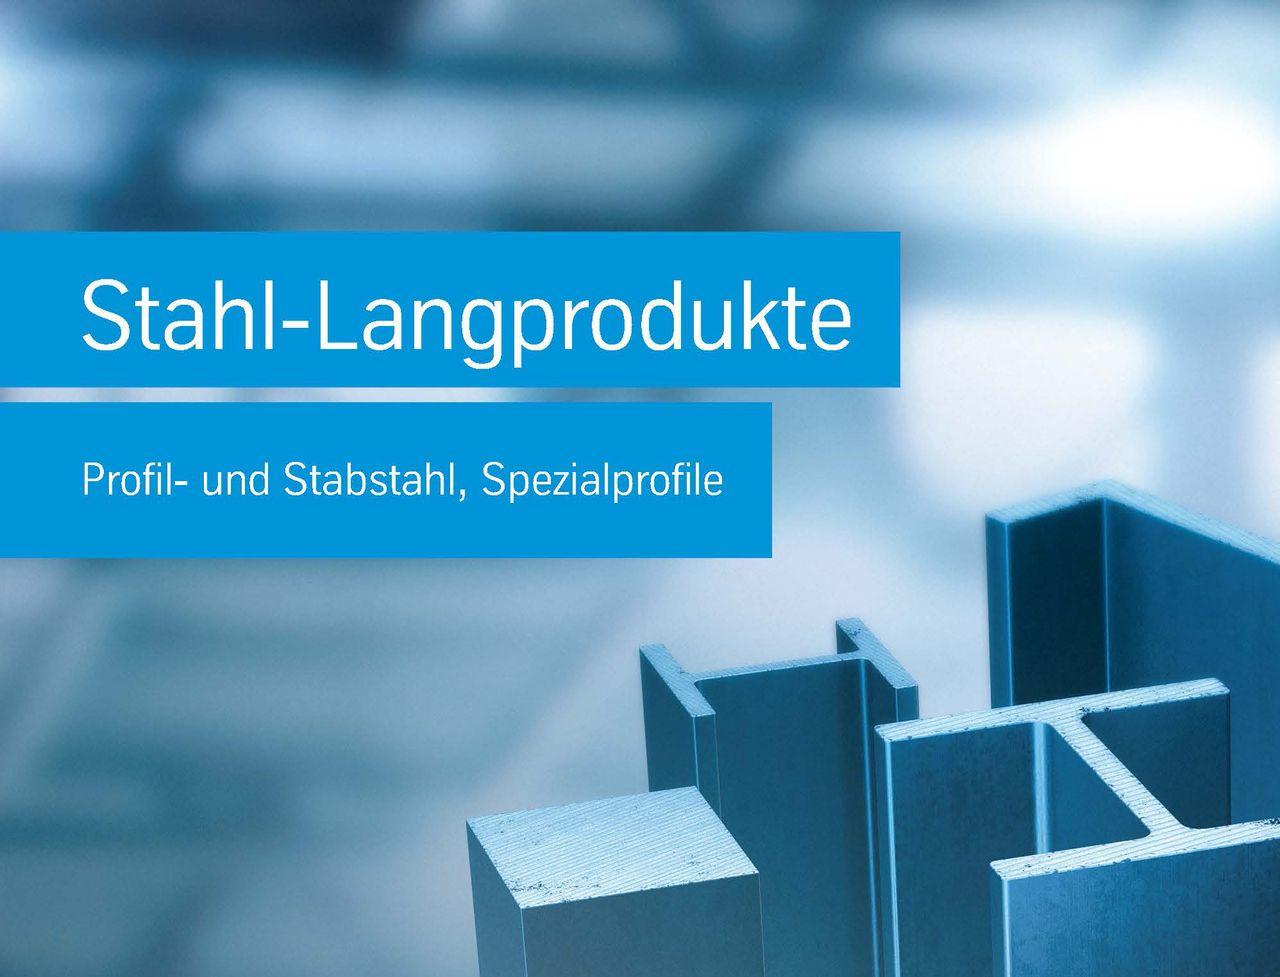 Werktstoffhandbuch Stahl Langprodukte